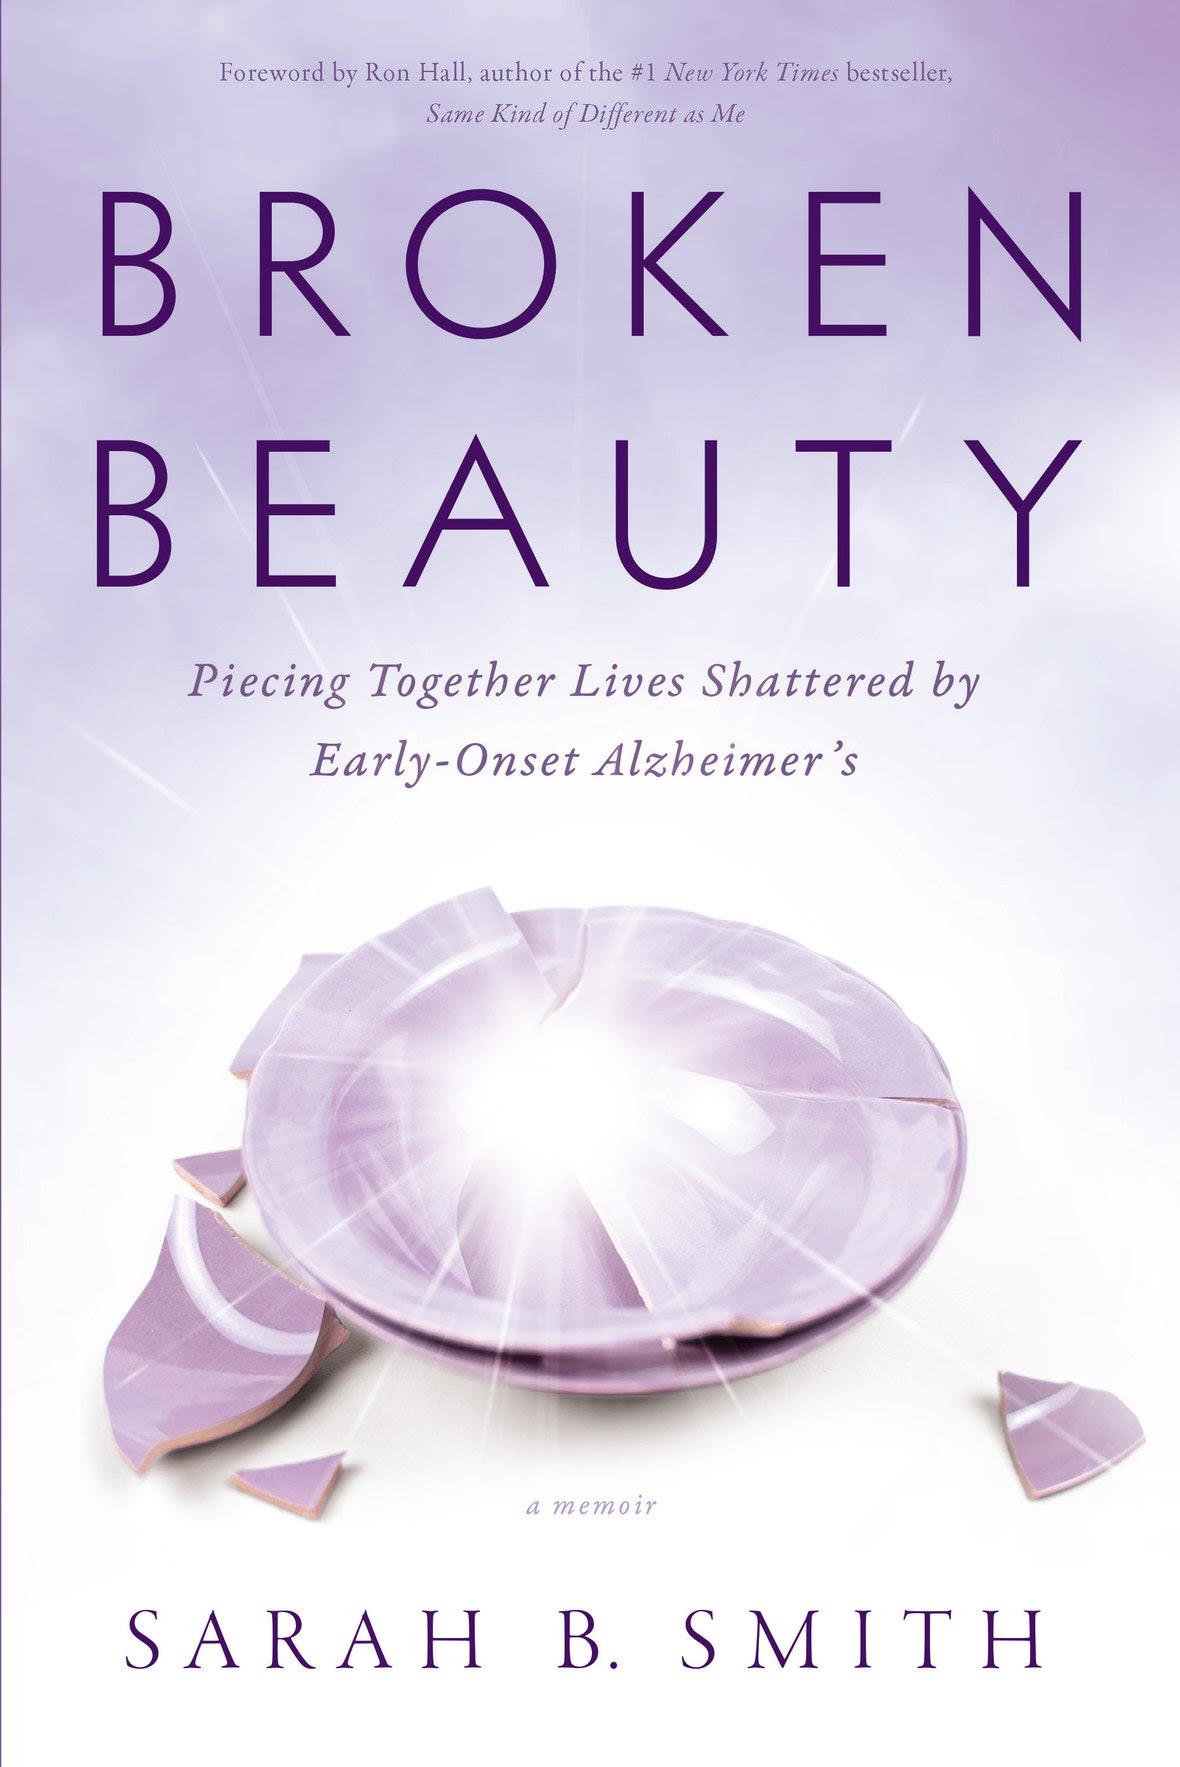 05a broken beauty